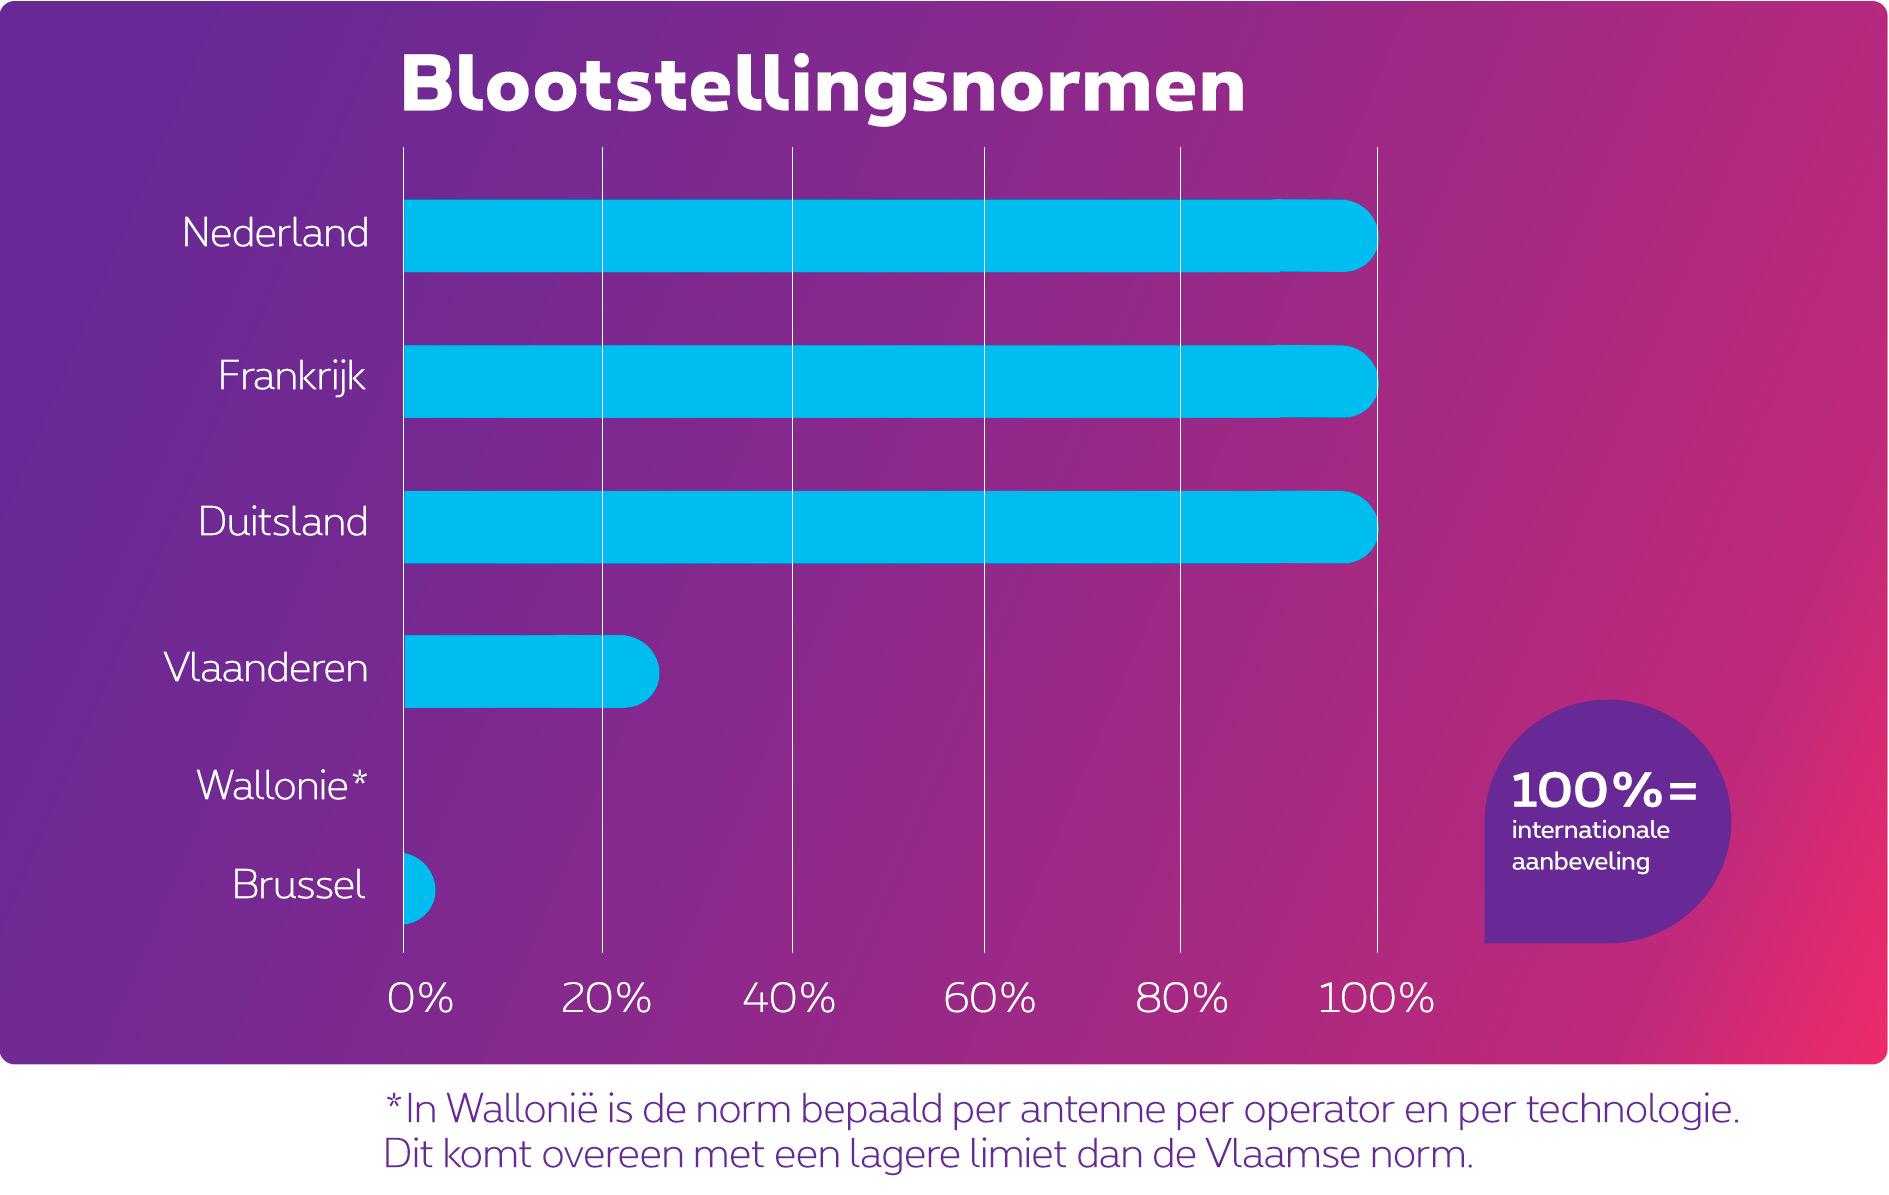 Vergelijking van de blootstellingsnormen. Nederland, Duitsland en Frankrijk volgen de internationale aanbeveling. De Vlaamse norm bedraagt 25% van deze aanbeveling en de Brusselse norm 2%. In Wallonië wordt de norm bepaald per antenne per operator en per technologie. Dit komt neer op een lagere limiet dan de Vlaamse norm.